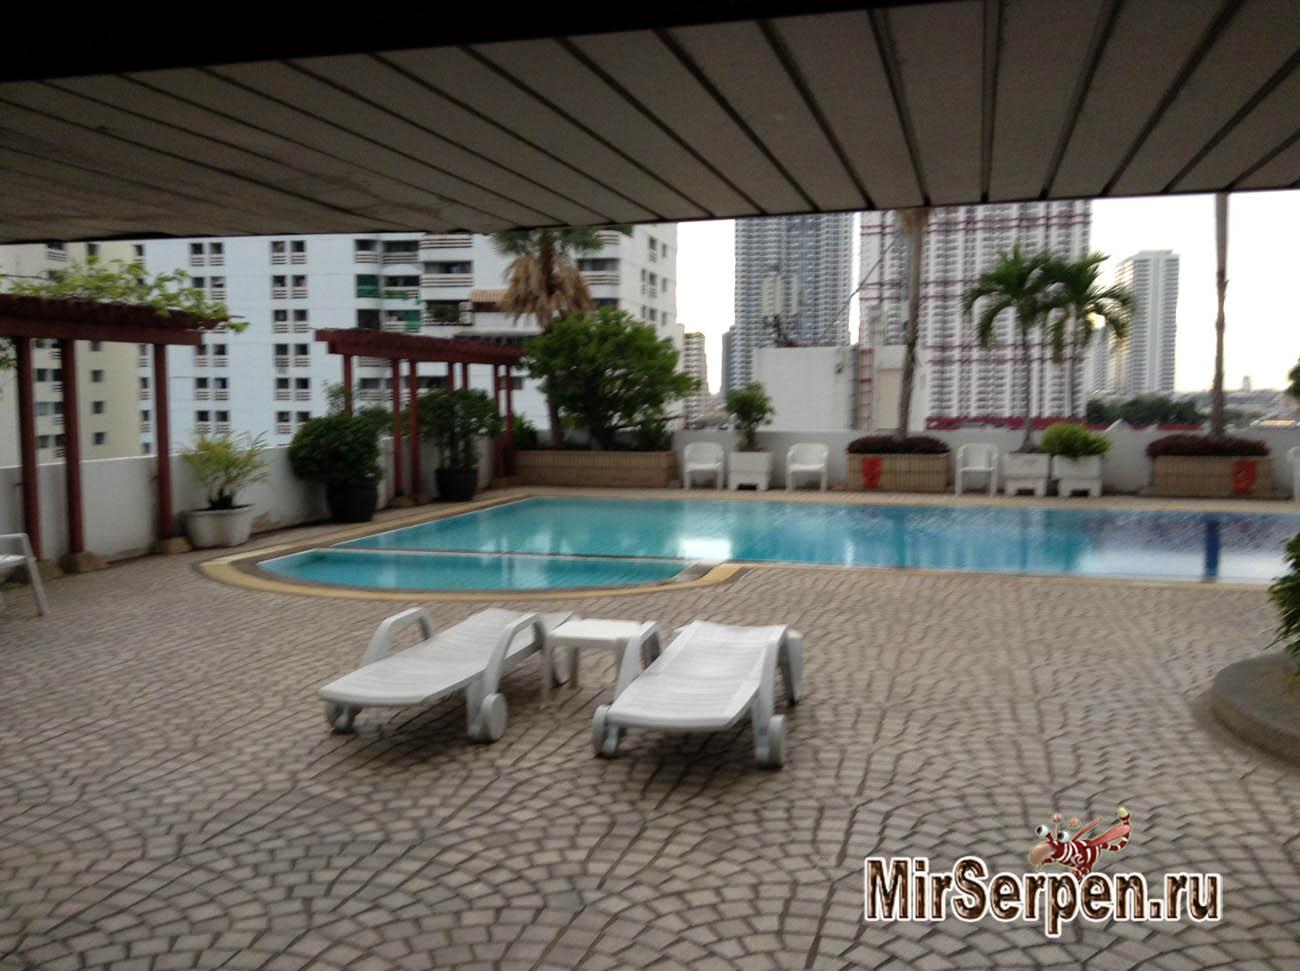 Общее описание отеля Baiyoke Suite Hotel 3*, Бангкок, Таиланд